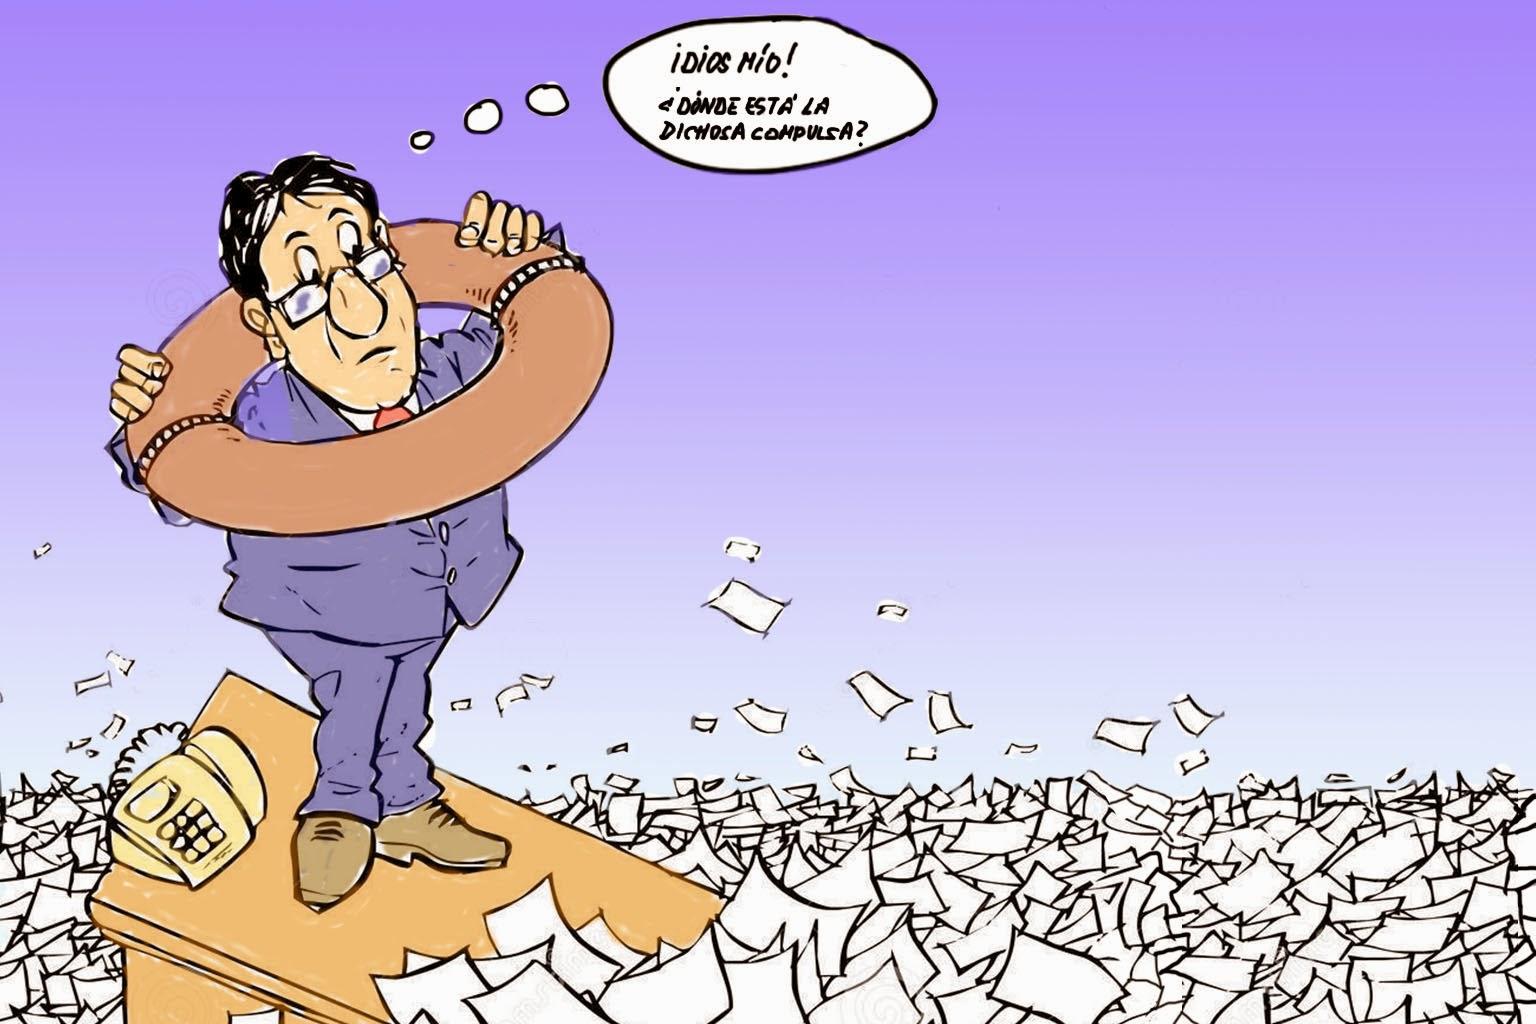 Burocracia y papeleo